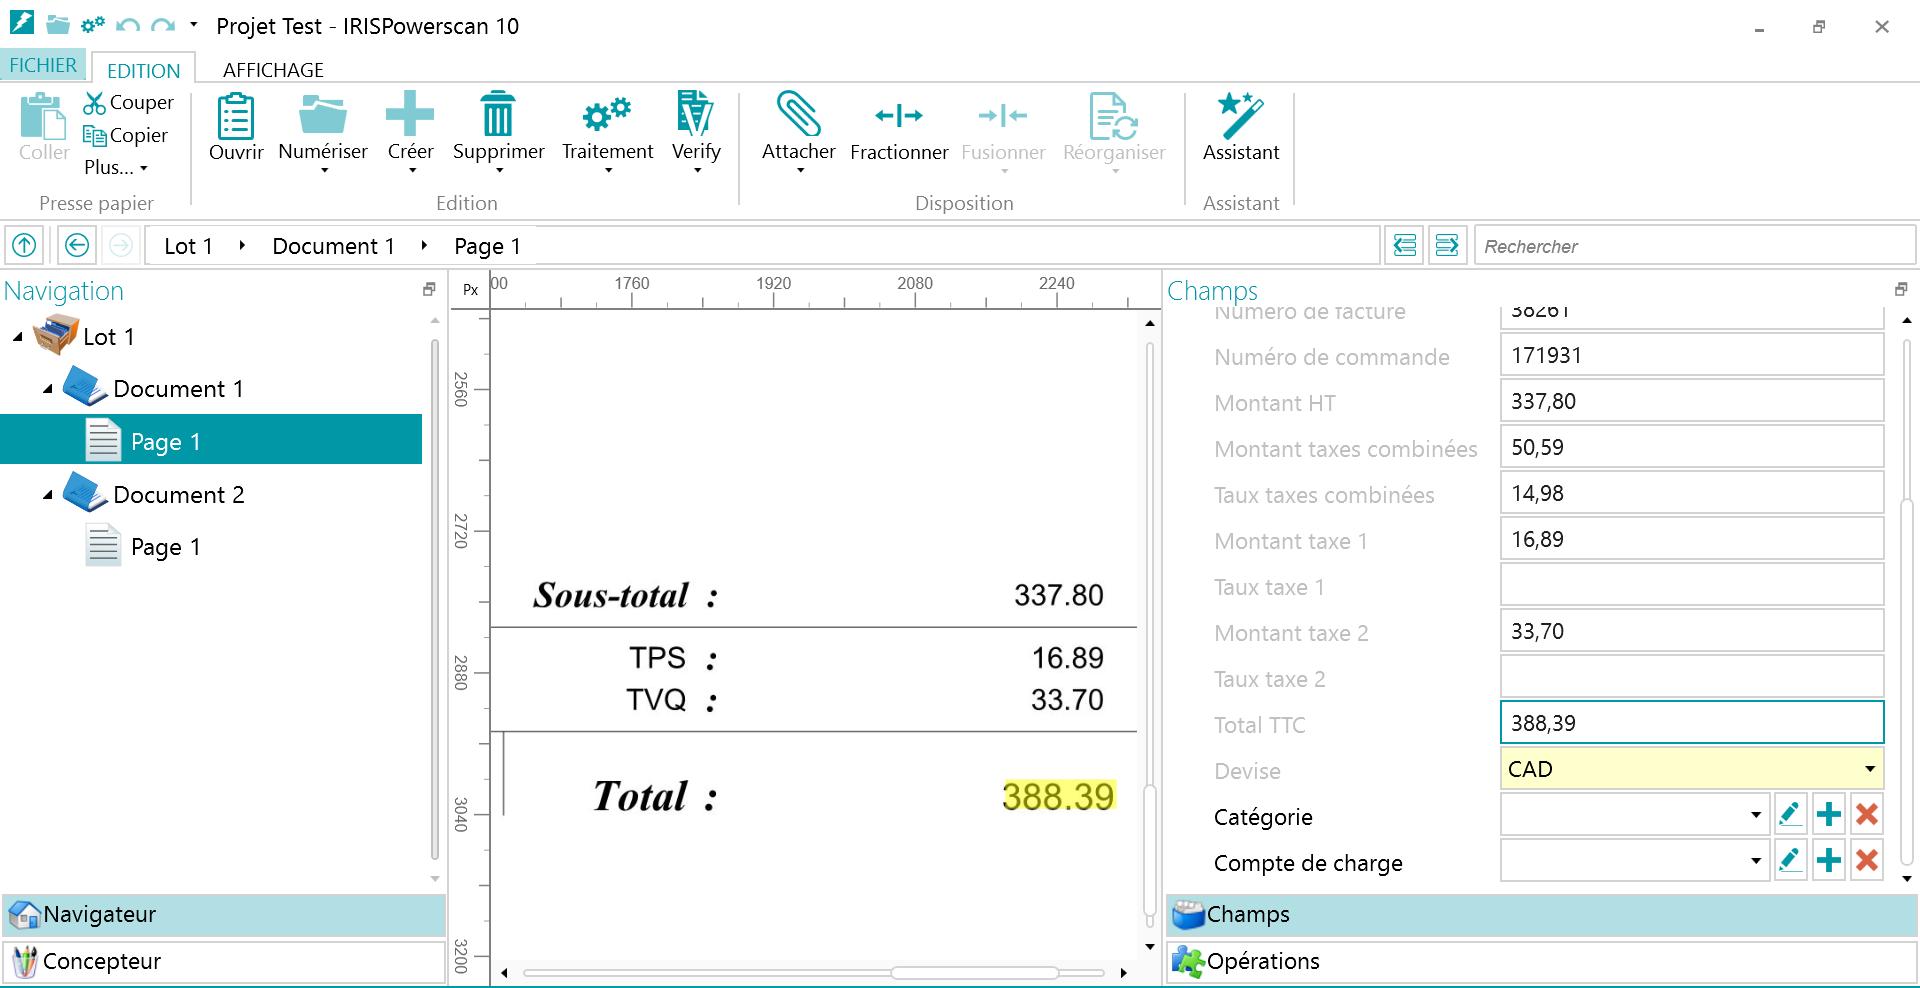 IRISPowerscan : Dématérialisation de facture. Les données du document sont extraites et apparaissent dans les champs de la colonne de droite.